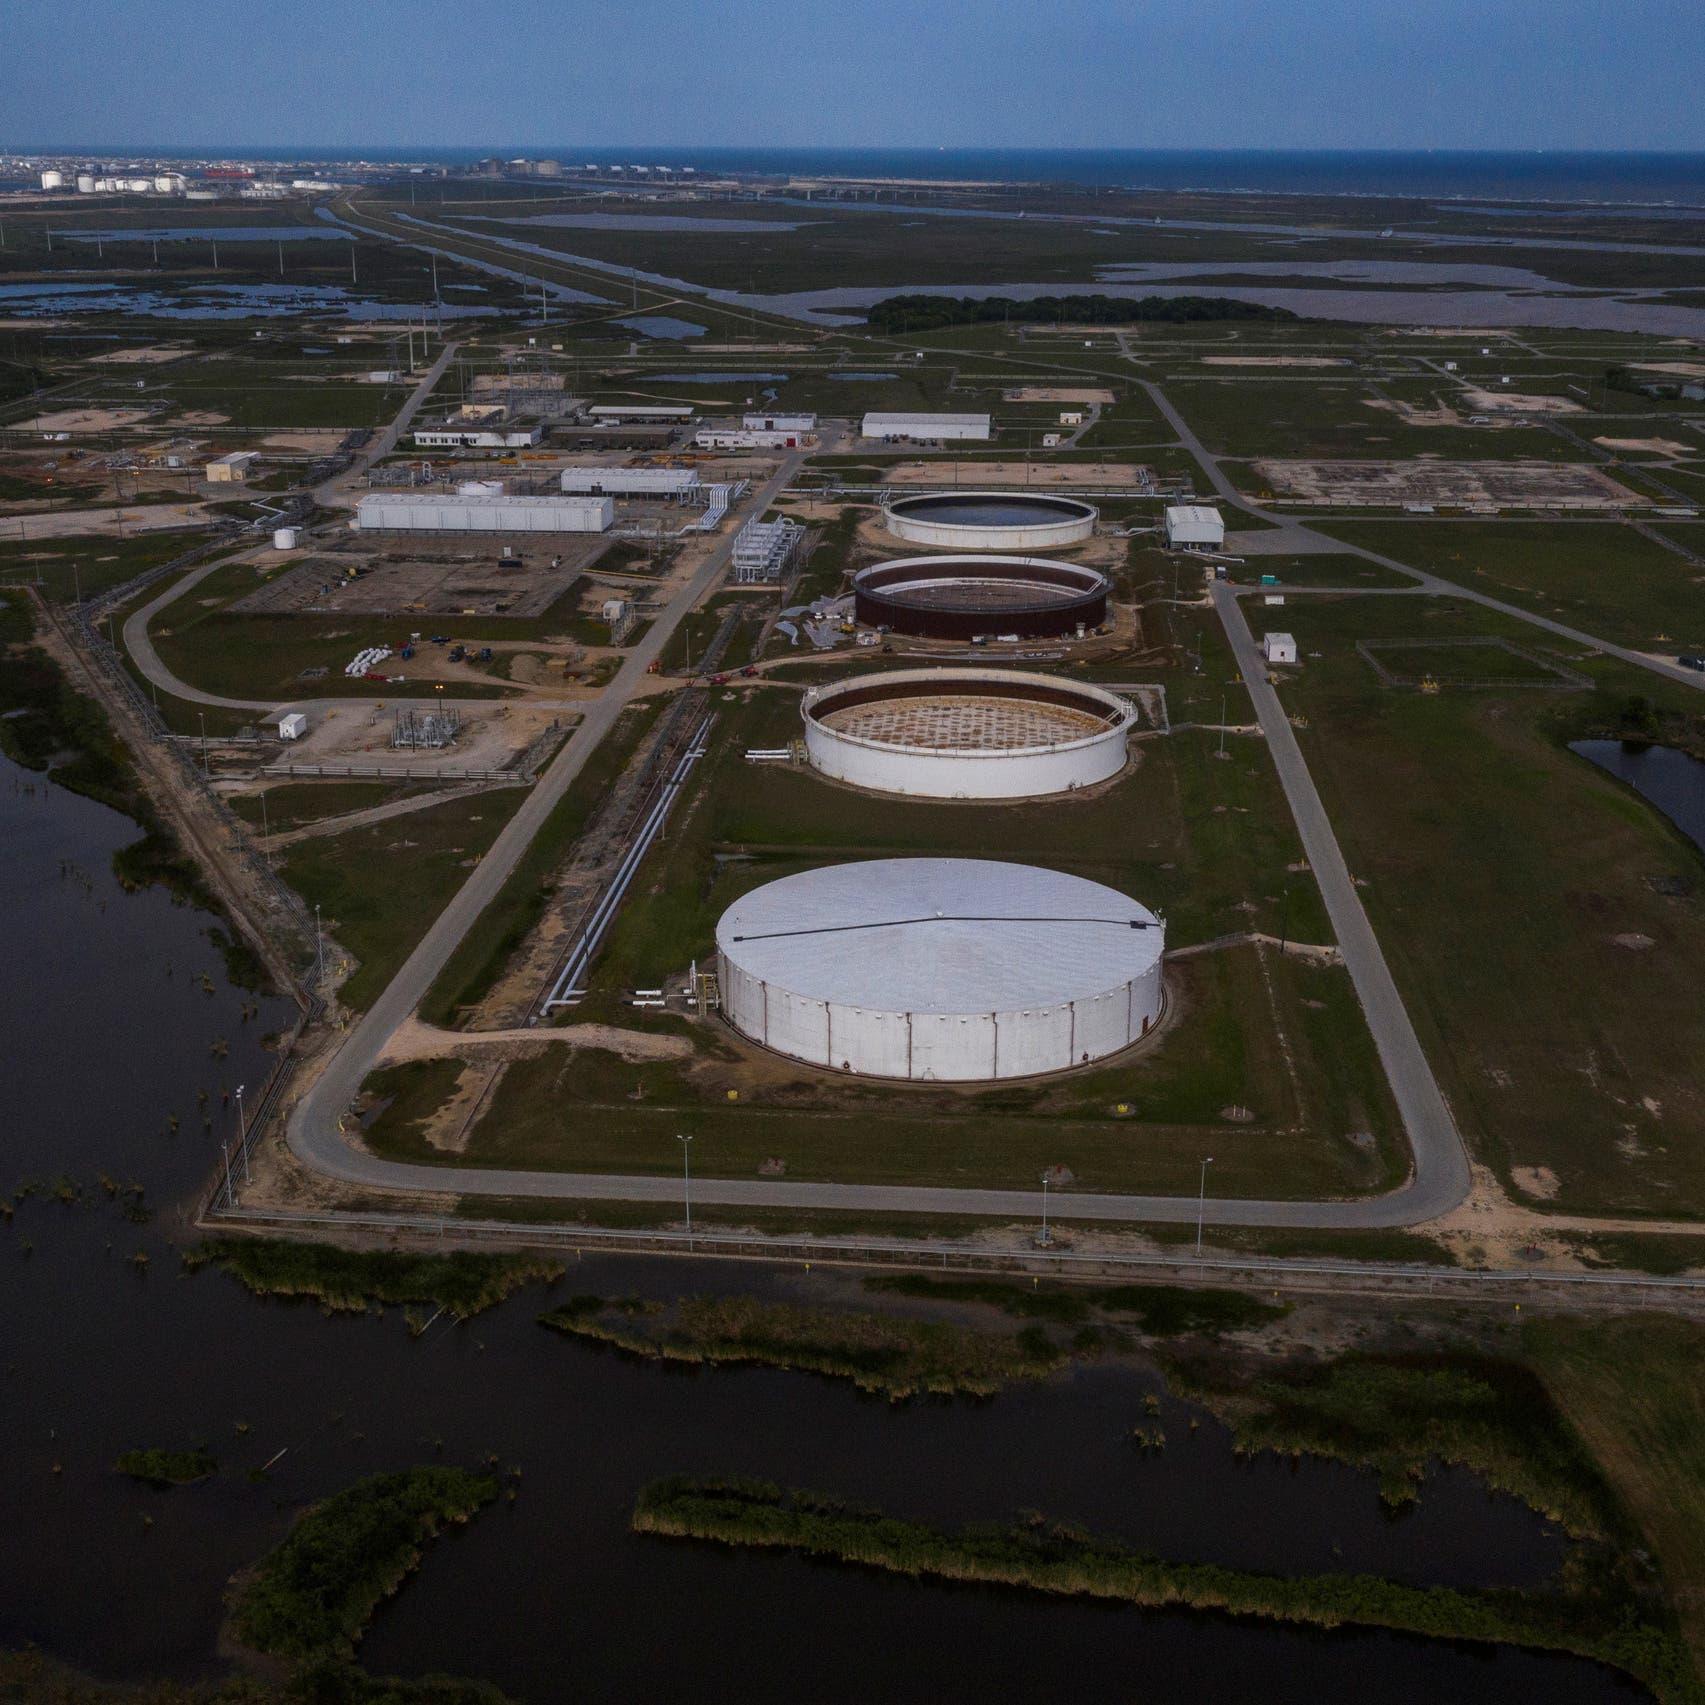 النفط يصعد مع تباطؤ عودة إمدادات أميركيةعطلها الإعصار